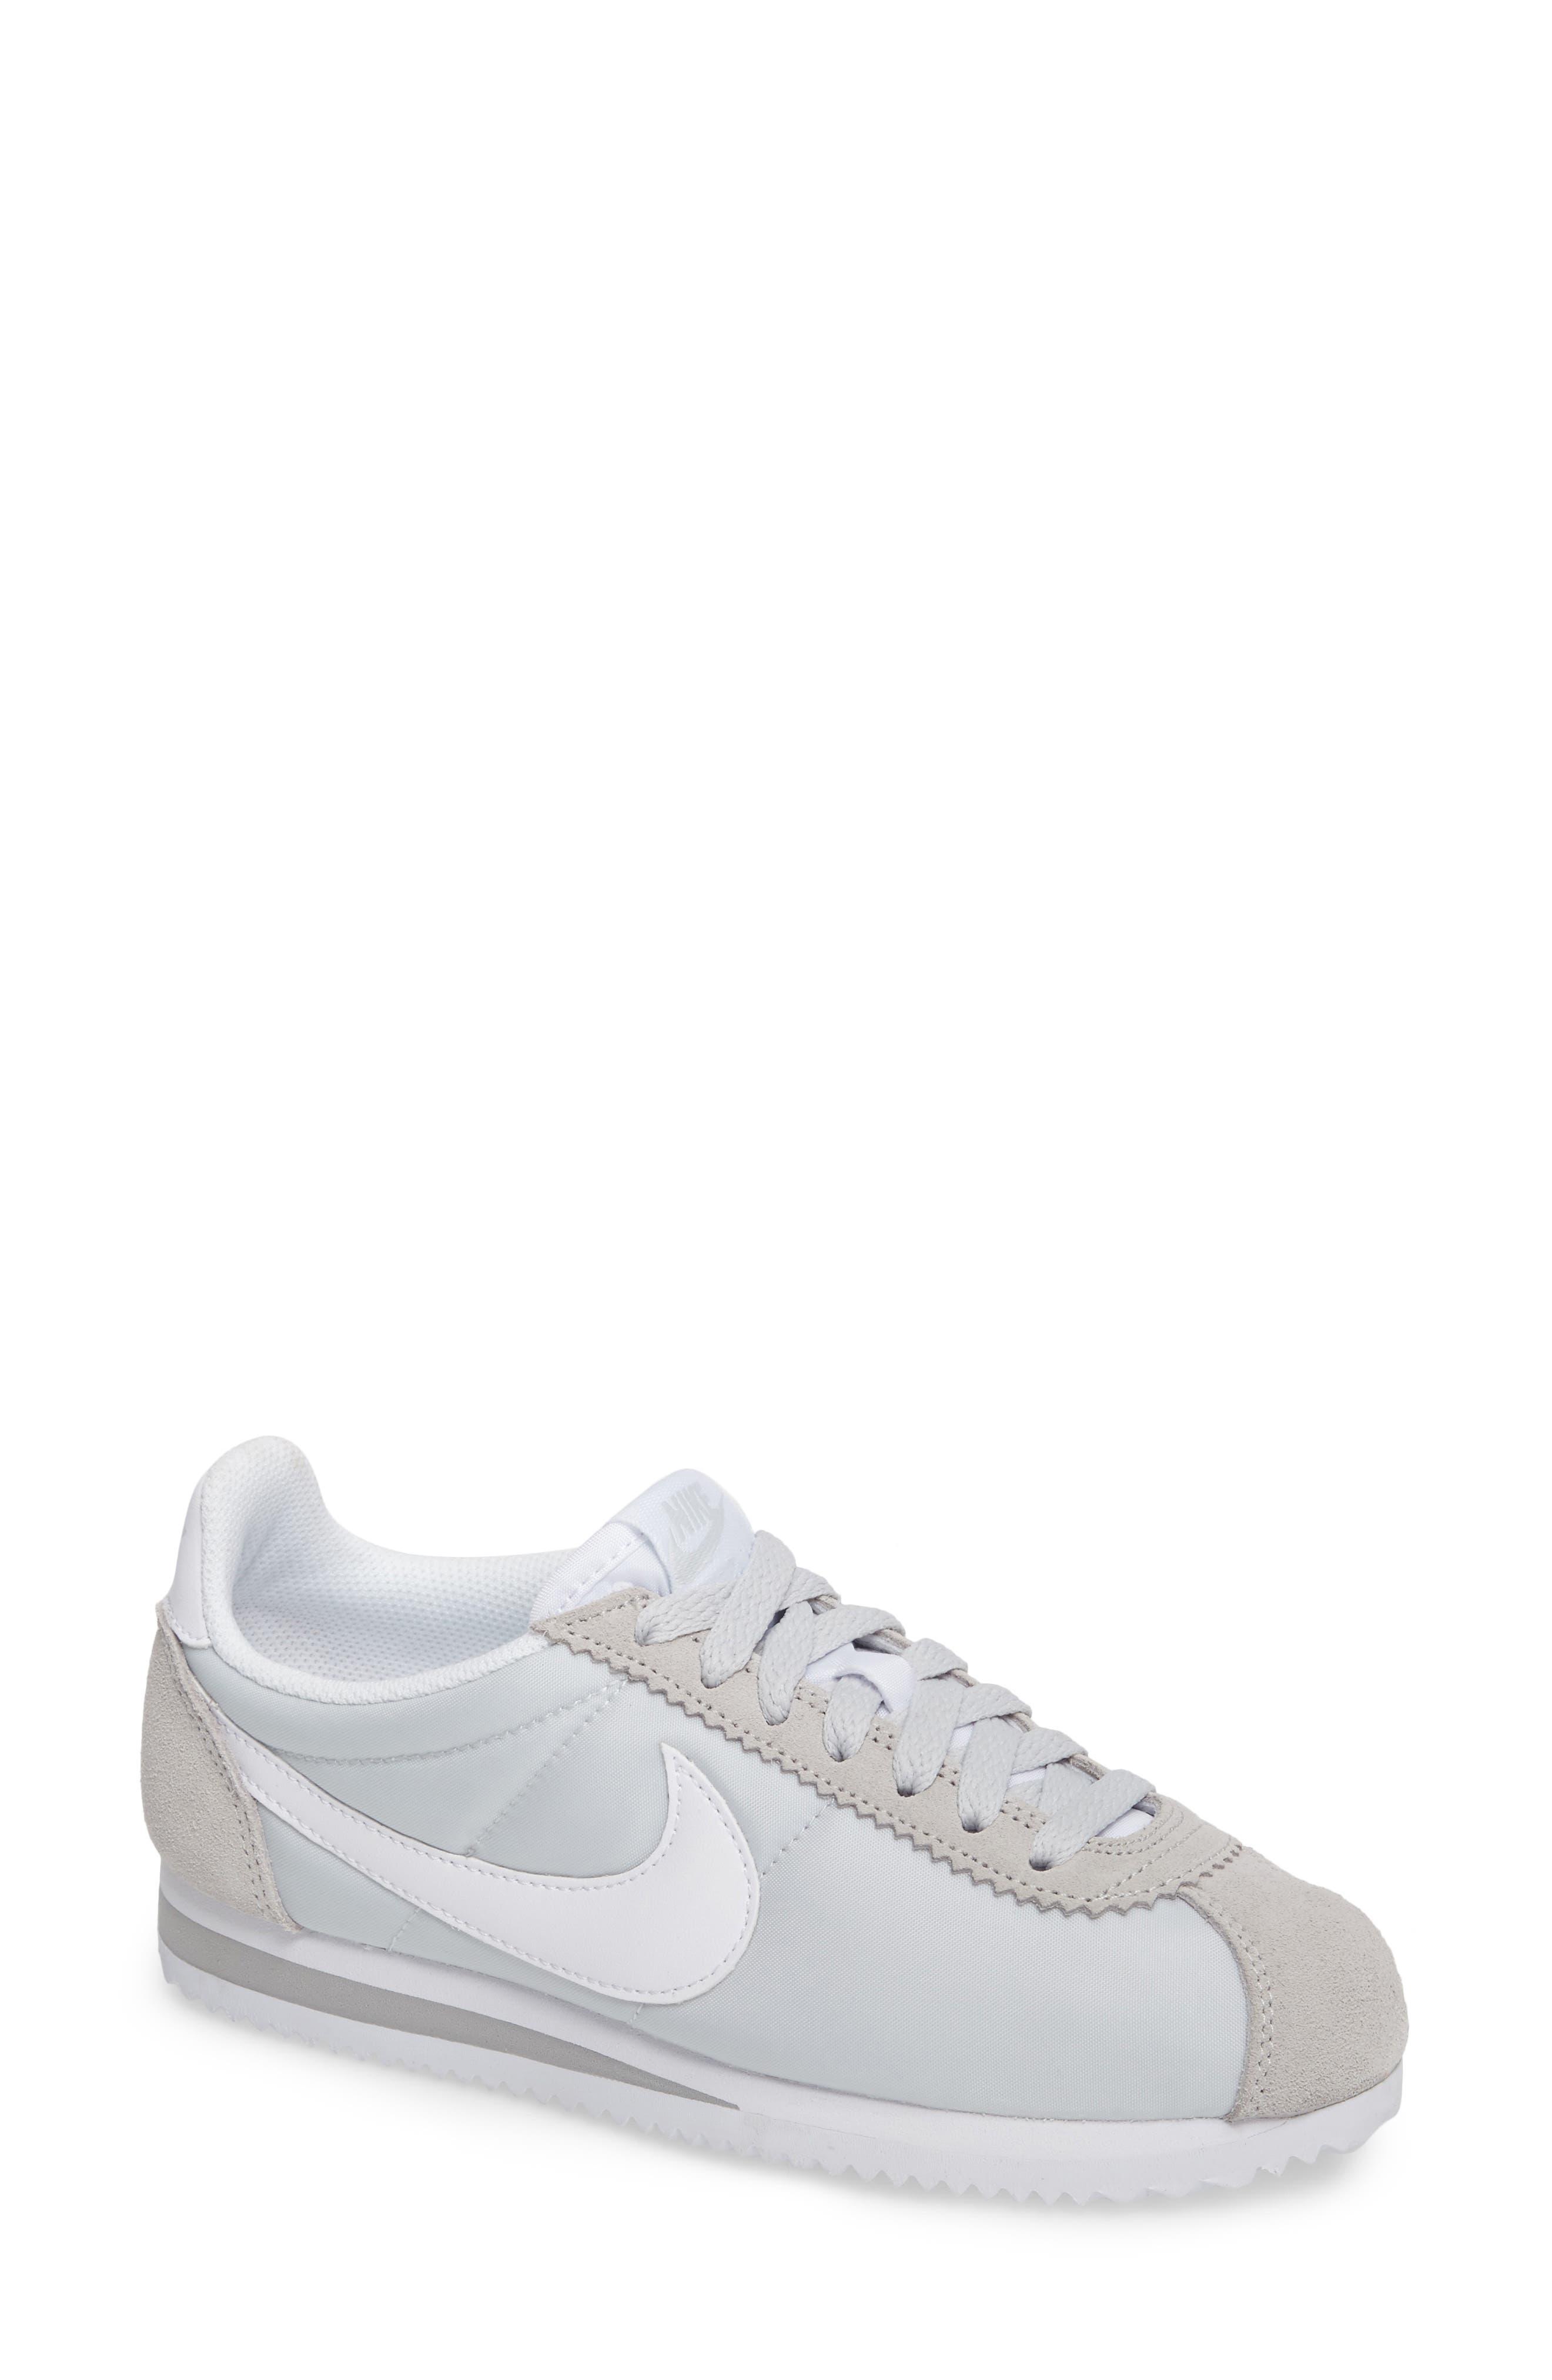 'Classic Cortez' Sneaker,                             Main thumbnail 1, color,